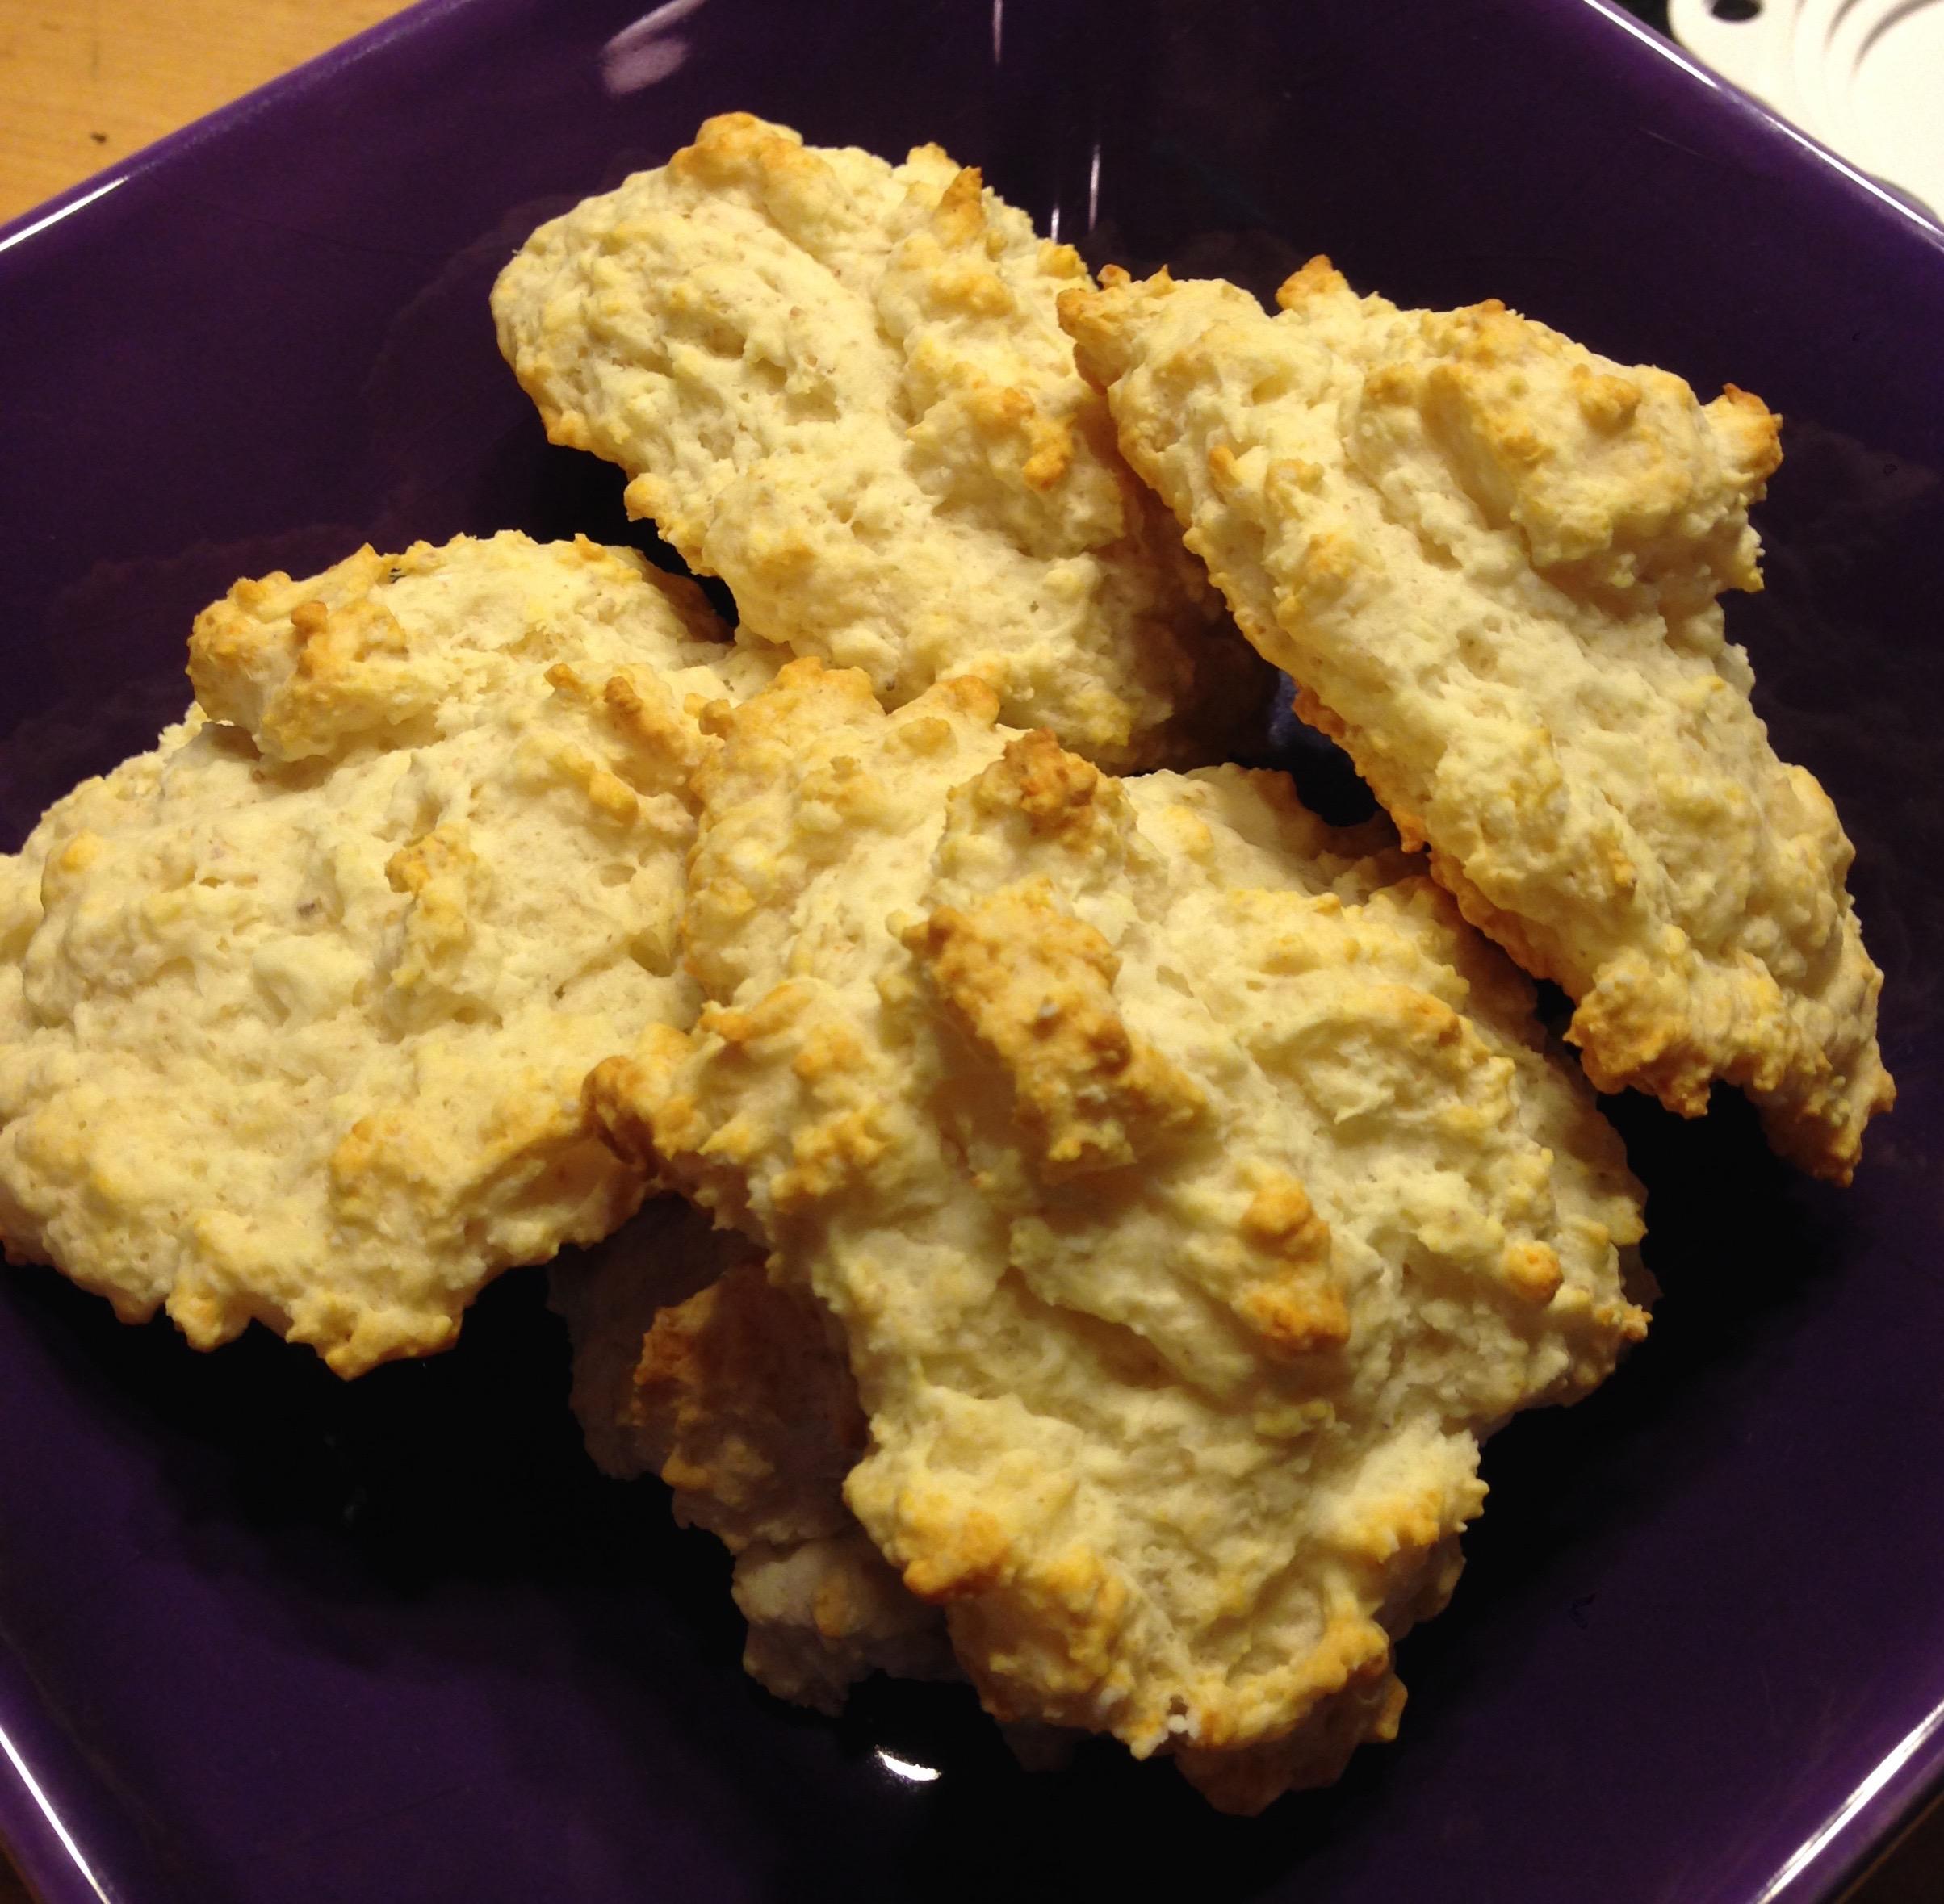 Fluffy Gluten Free Drop Biscuits